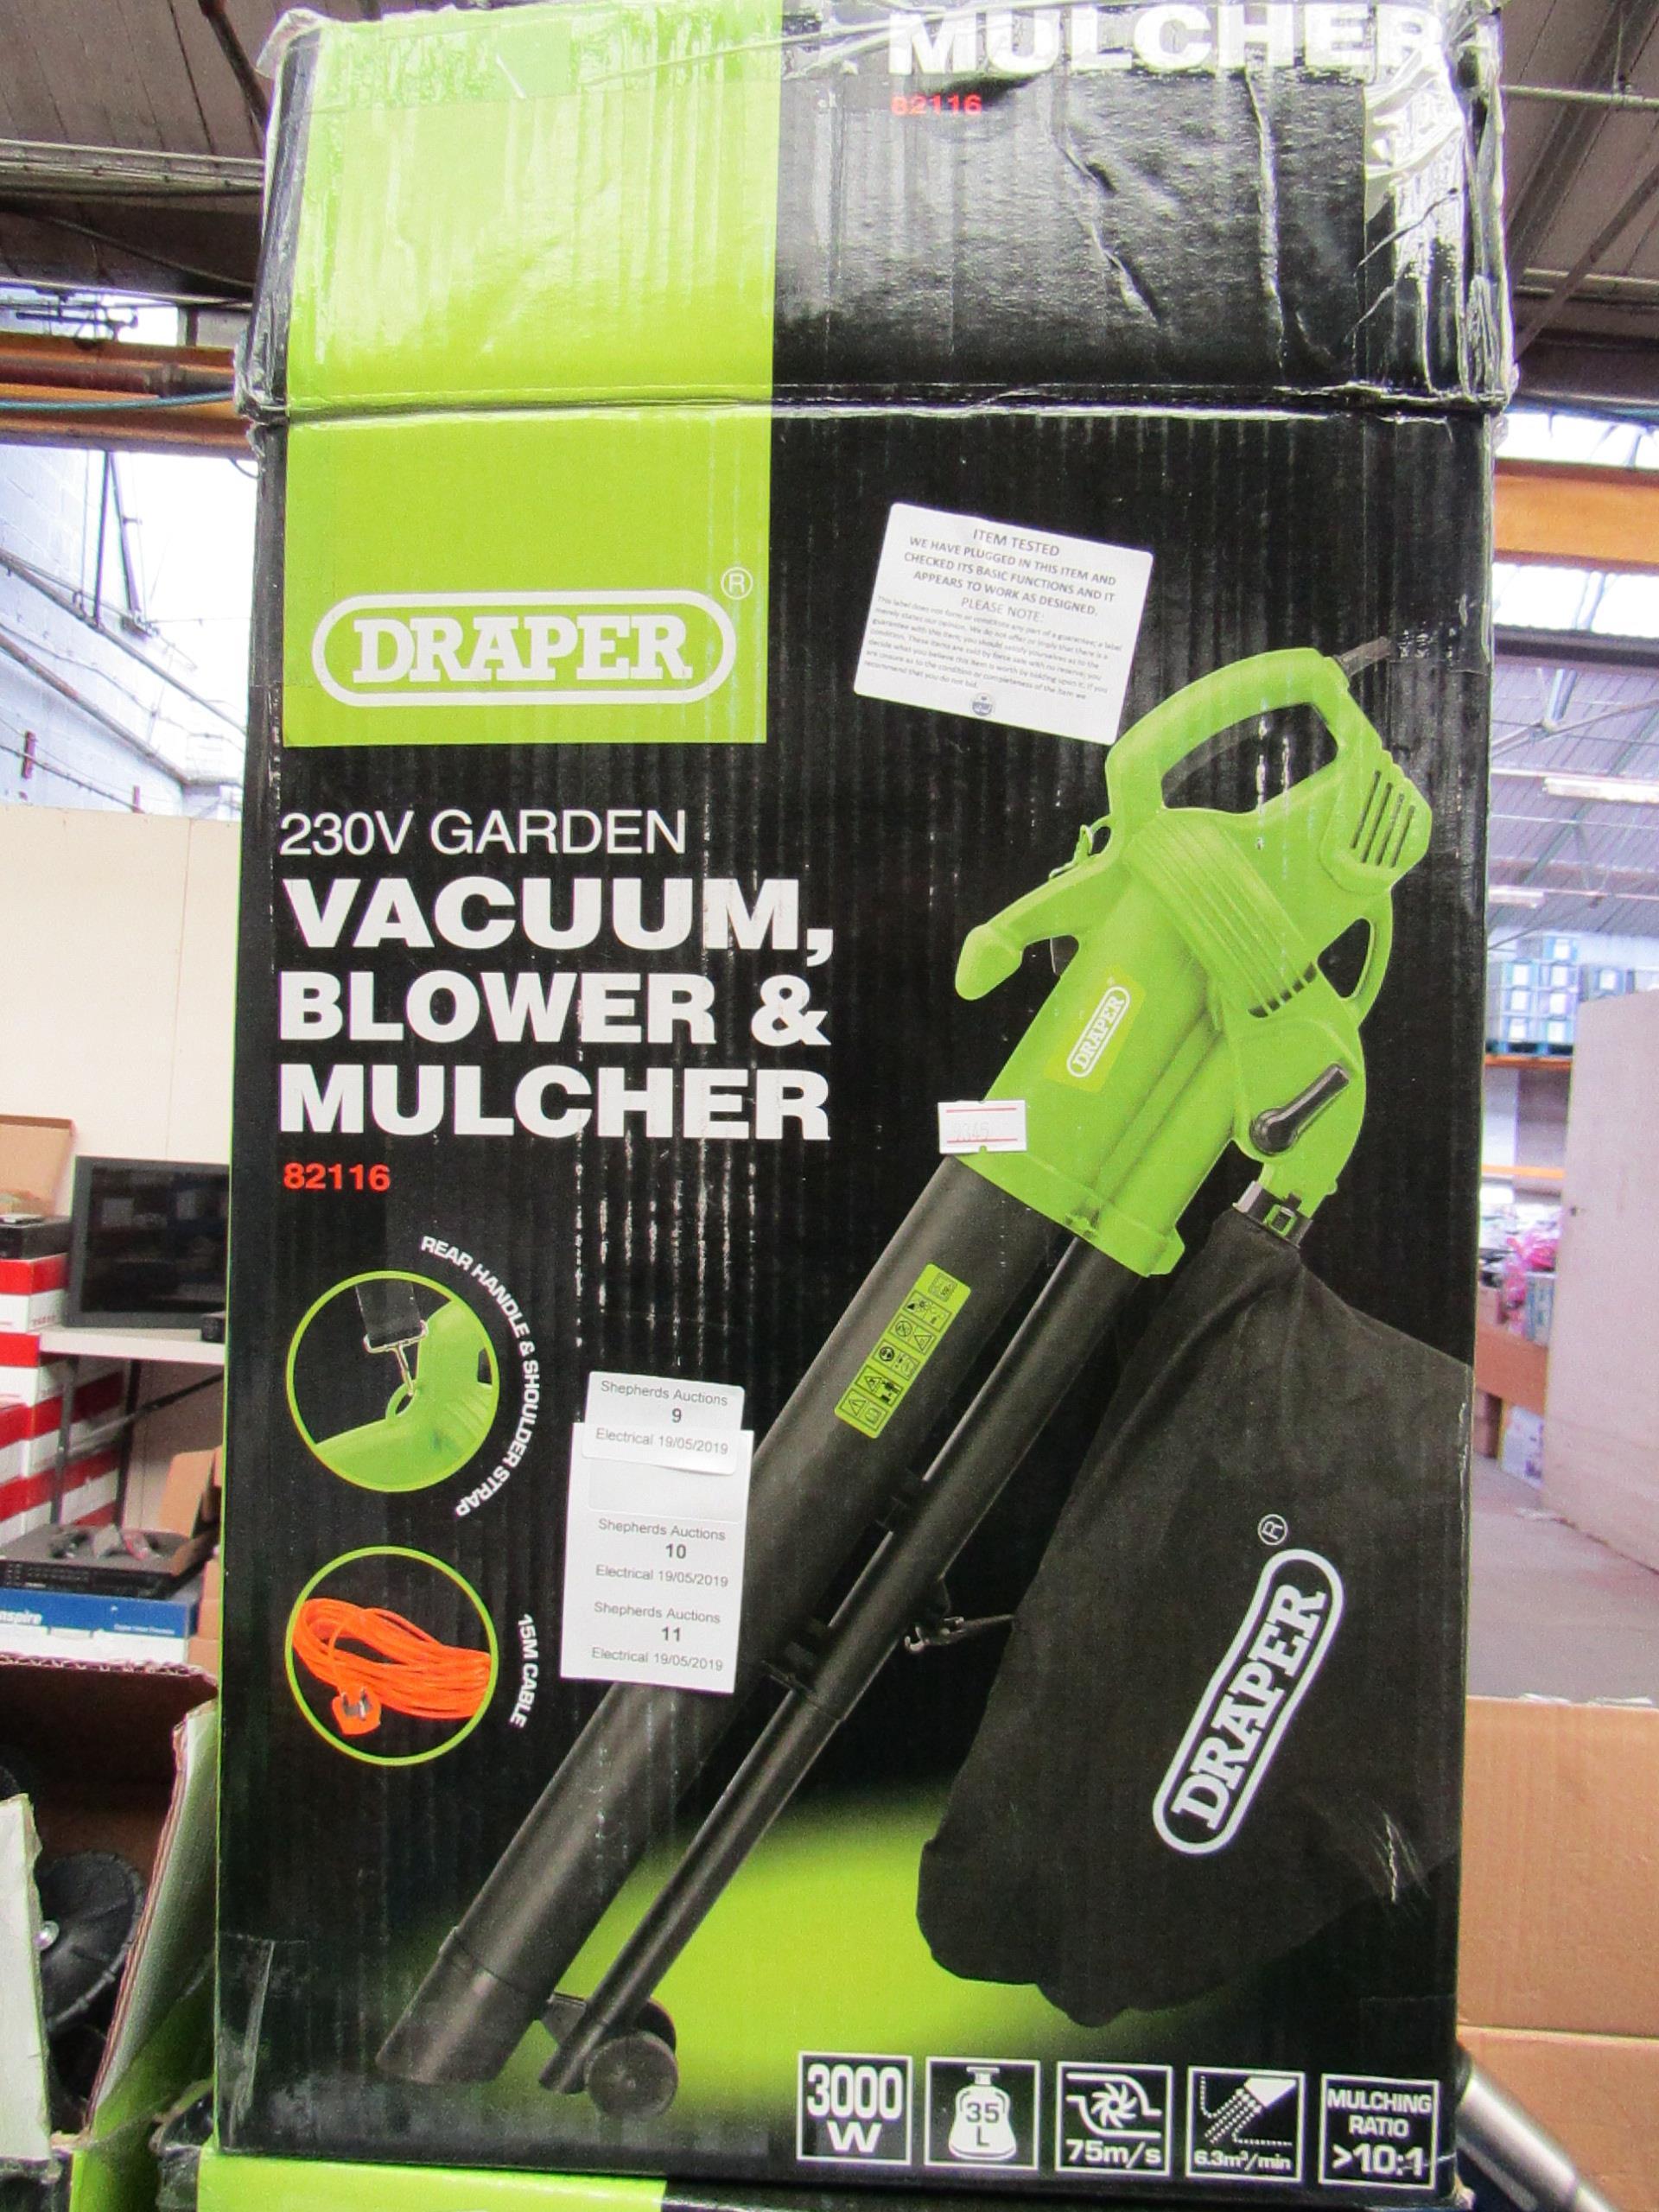 Lot 10 - Draper 230V Garden Vacuum, Blower & Mulcher , Tested Working & Boxed